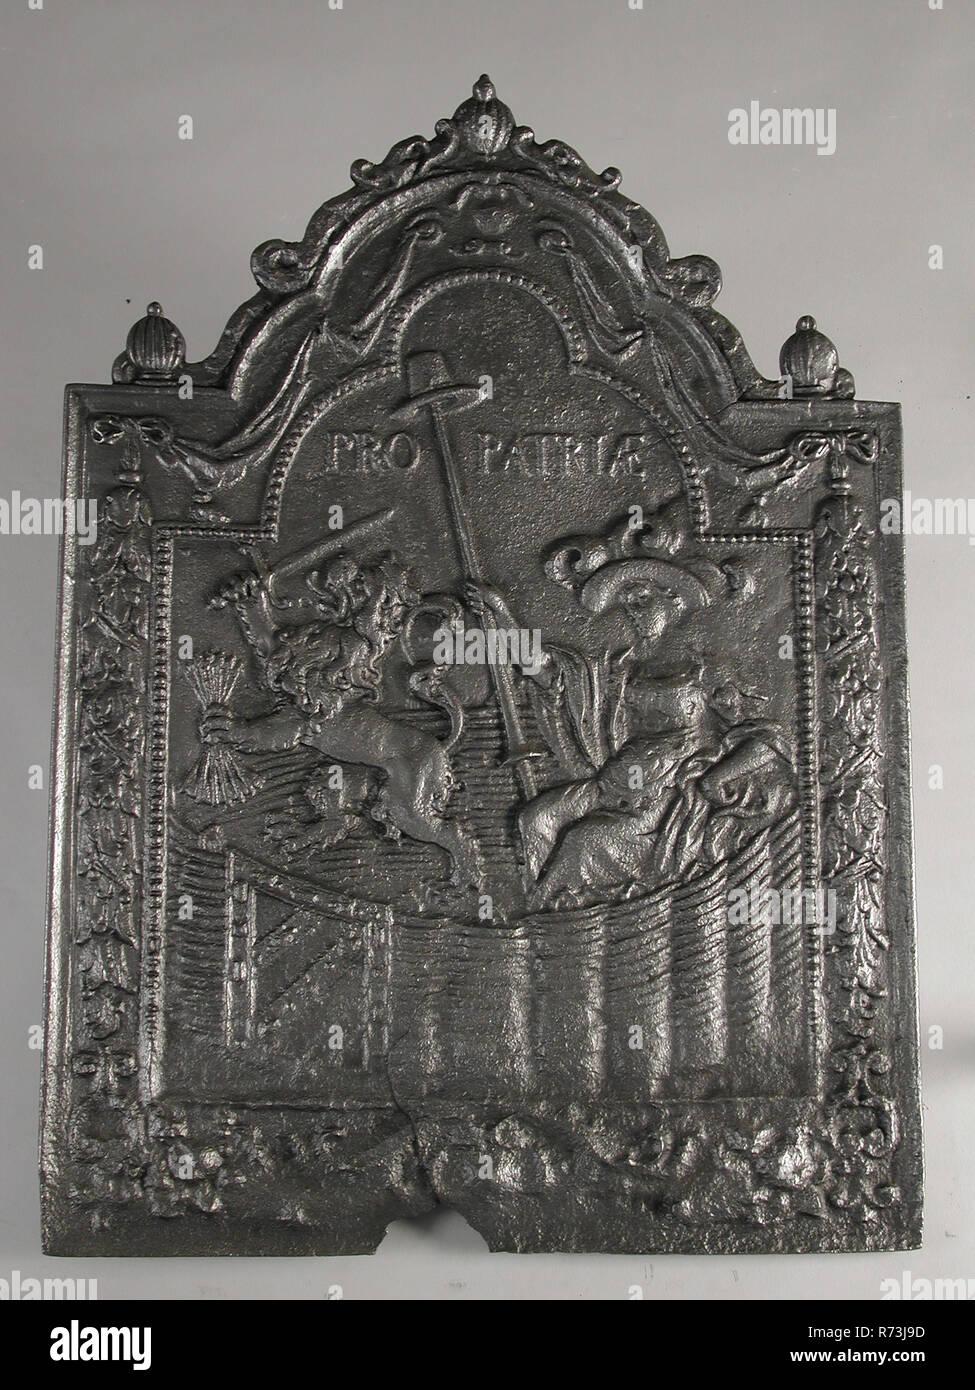 Vierge en néerlandais faisan à jardin, text Pro Patria, cheminée ...